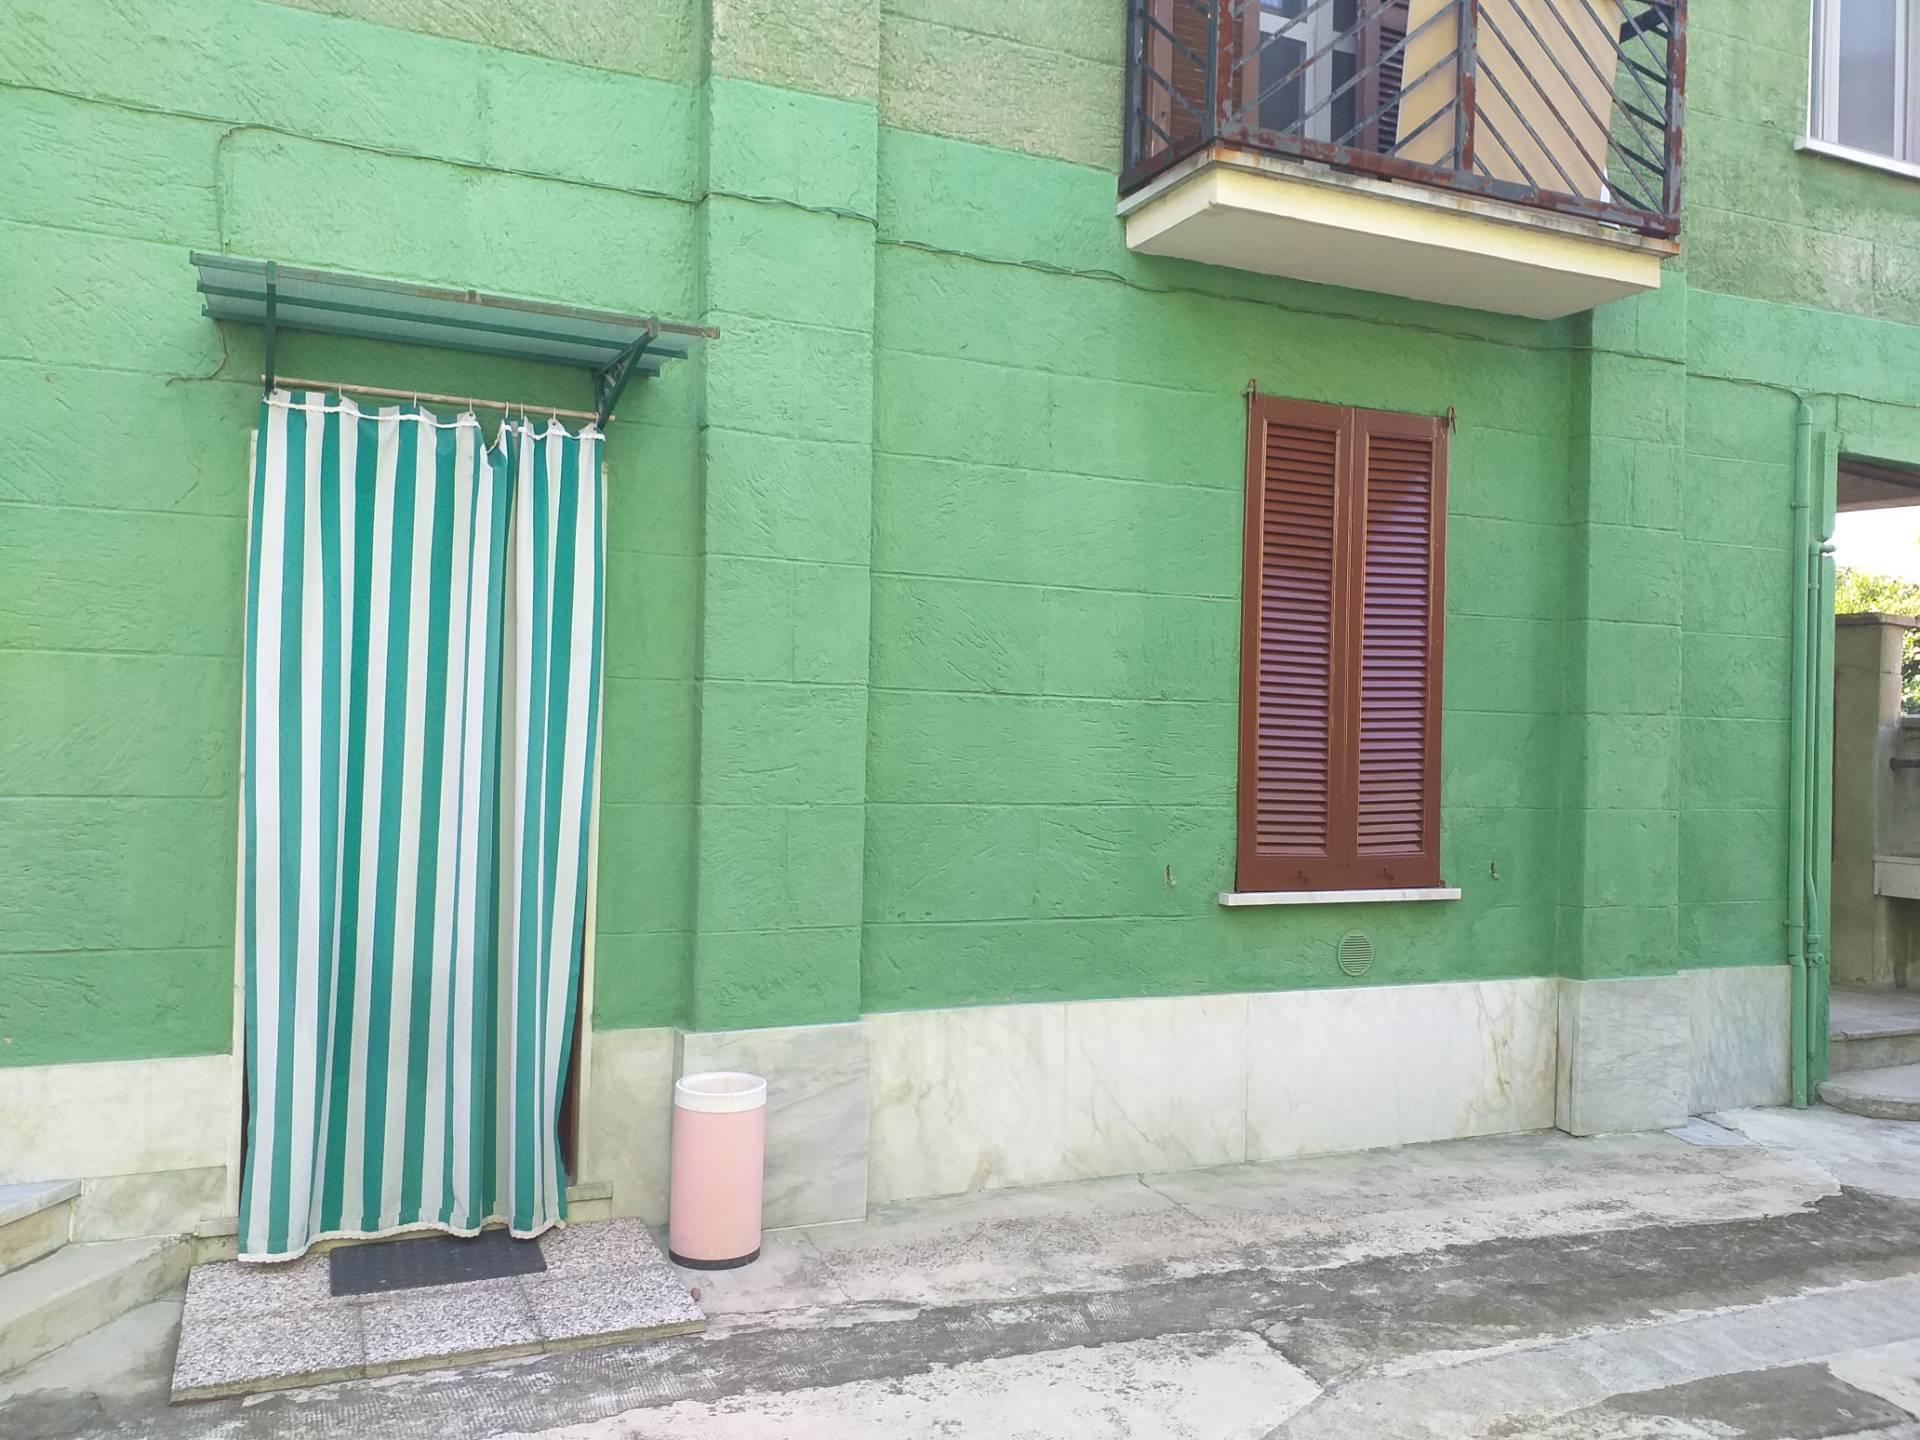 Appartamento in affitto a Binasco, 1 locali, prezzo € 500 | CambioCasa.it